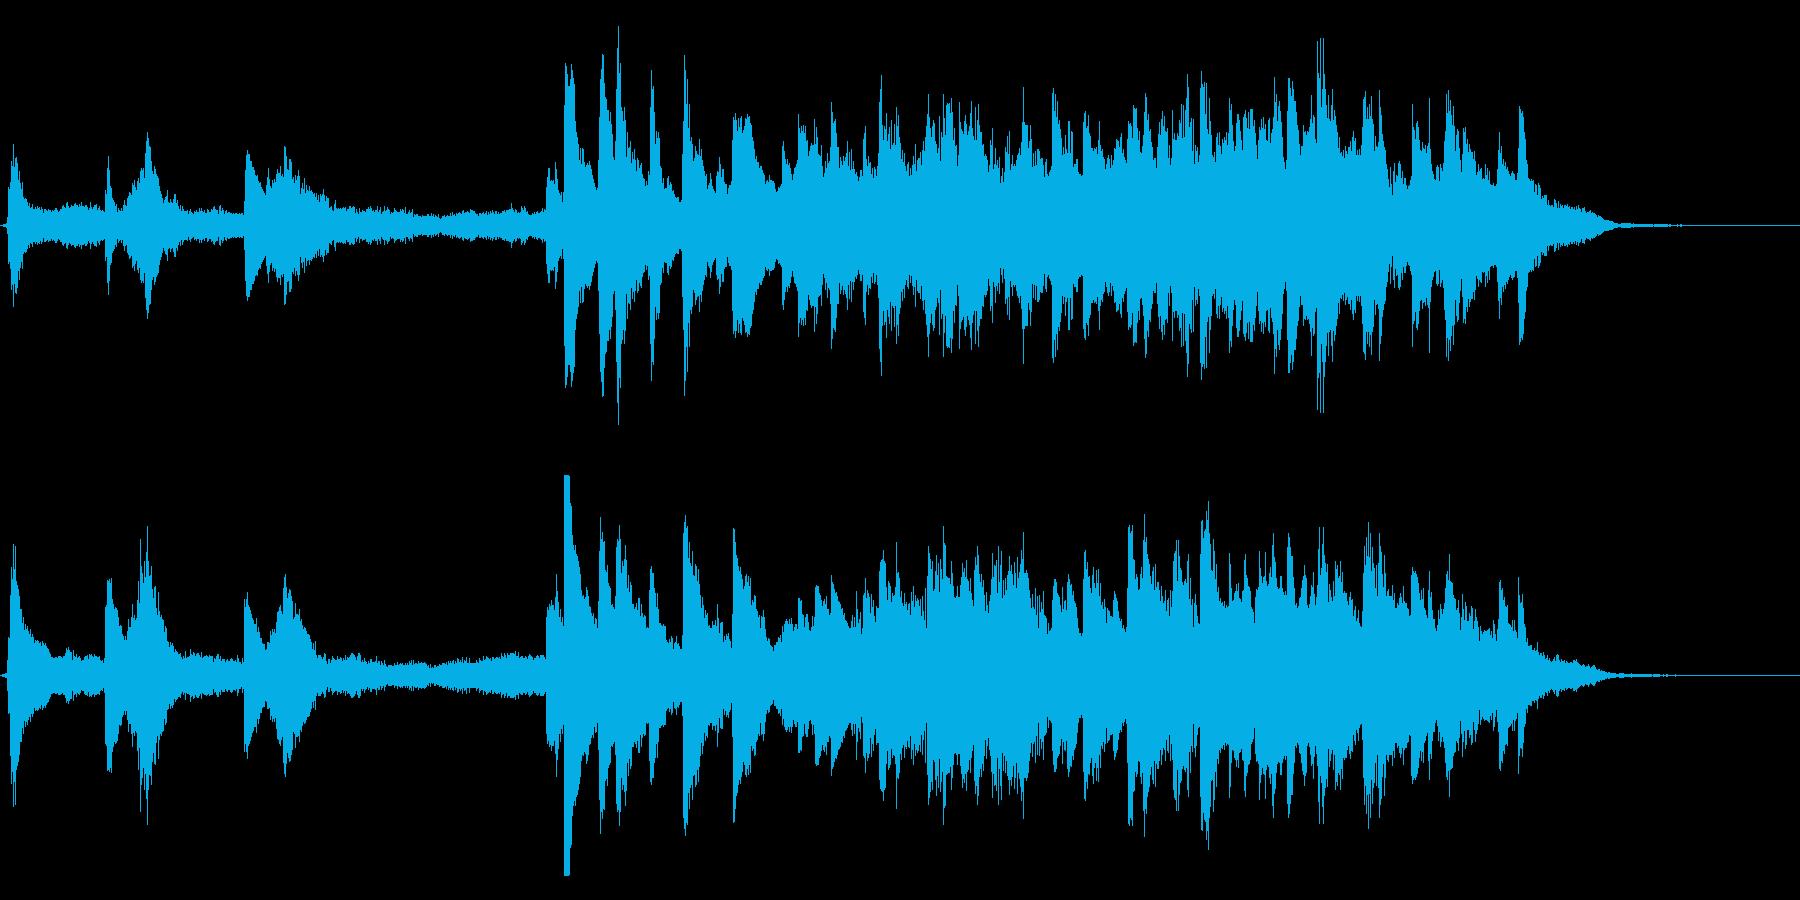 ピアノとストリングスの30秒CM向けの曲の再生済みの波形